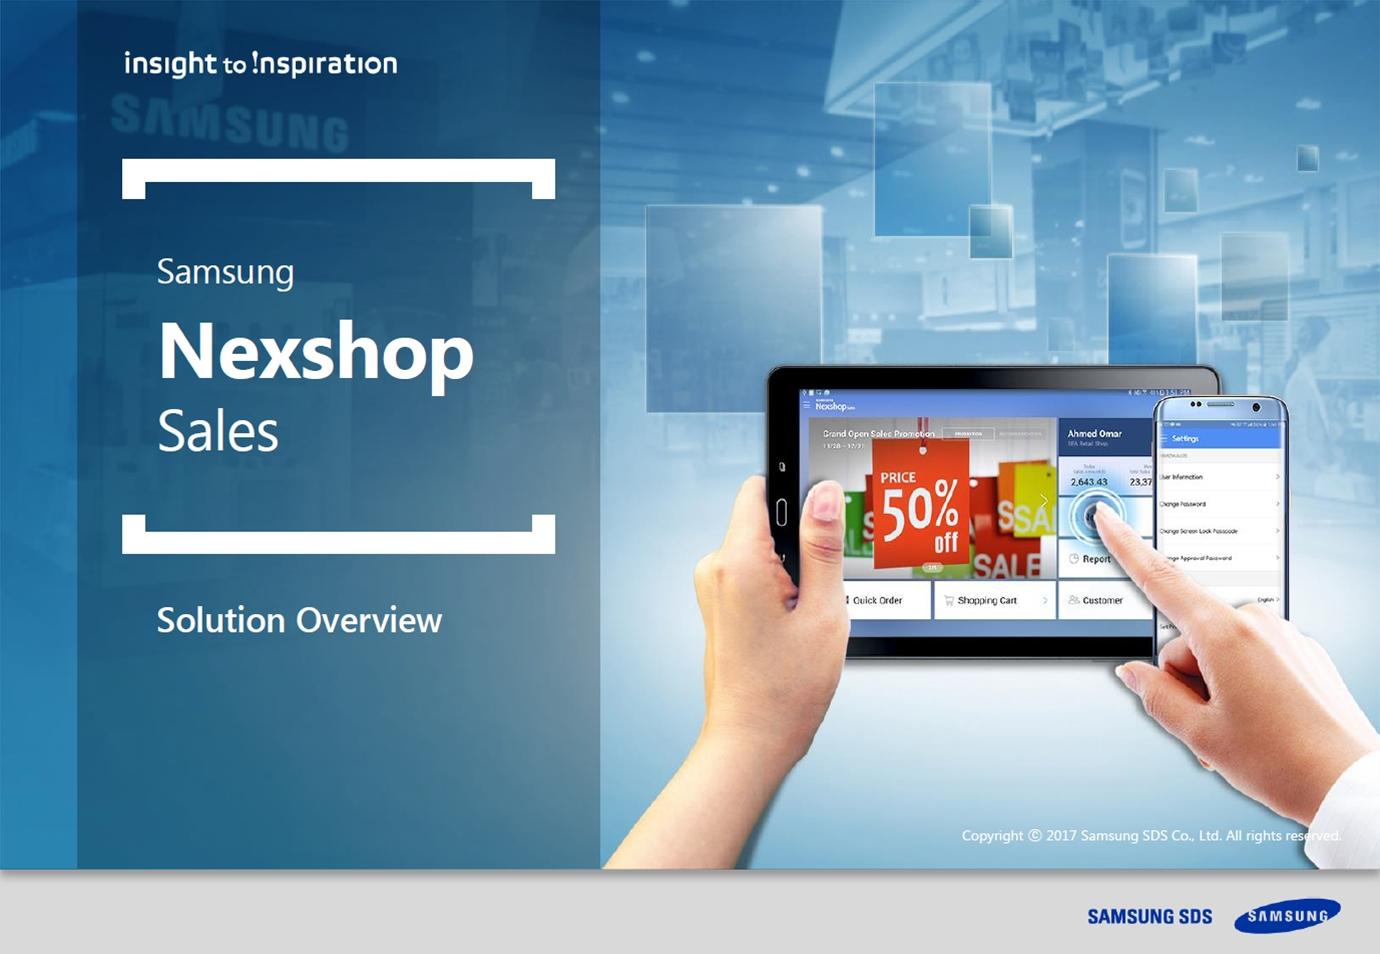 [Nexshop Sales][PRESENTATION] Matenha-se competitivo com o serviço ao cliente de 5 estrelas (Stay competitive with 5-star customer service)